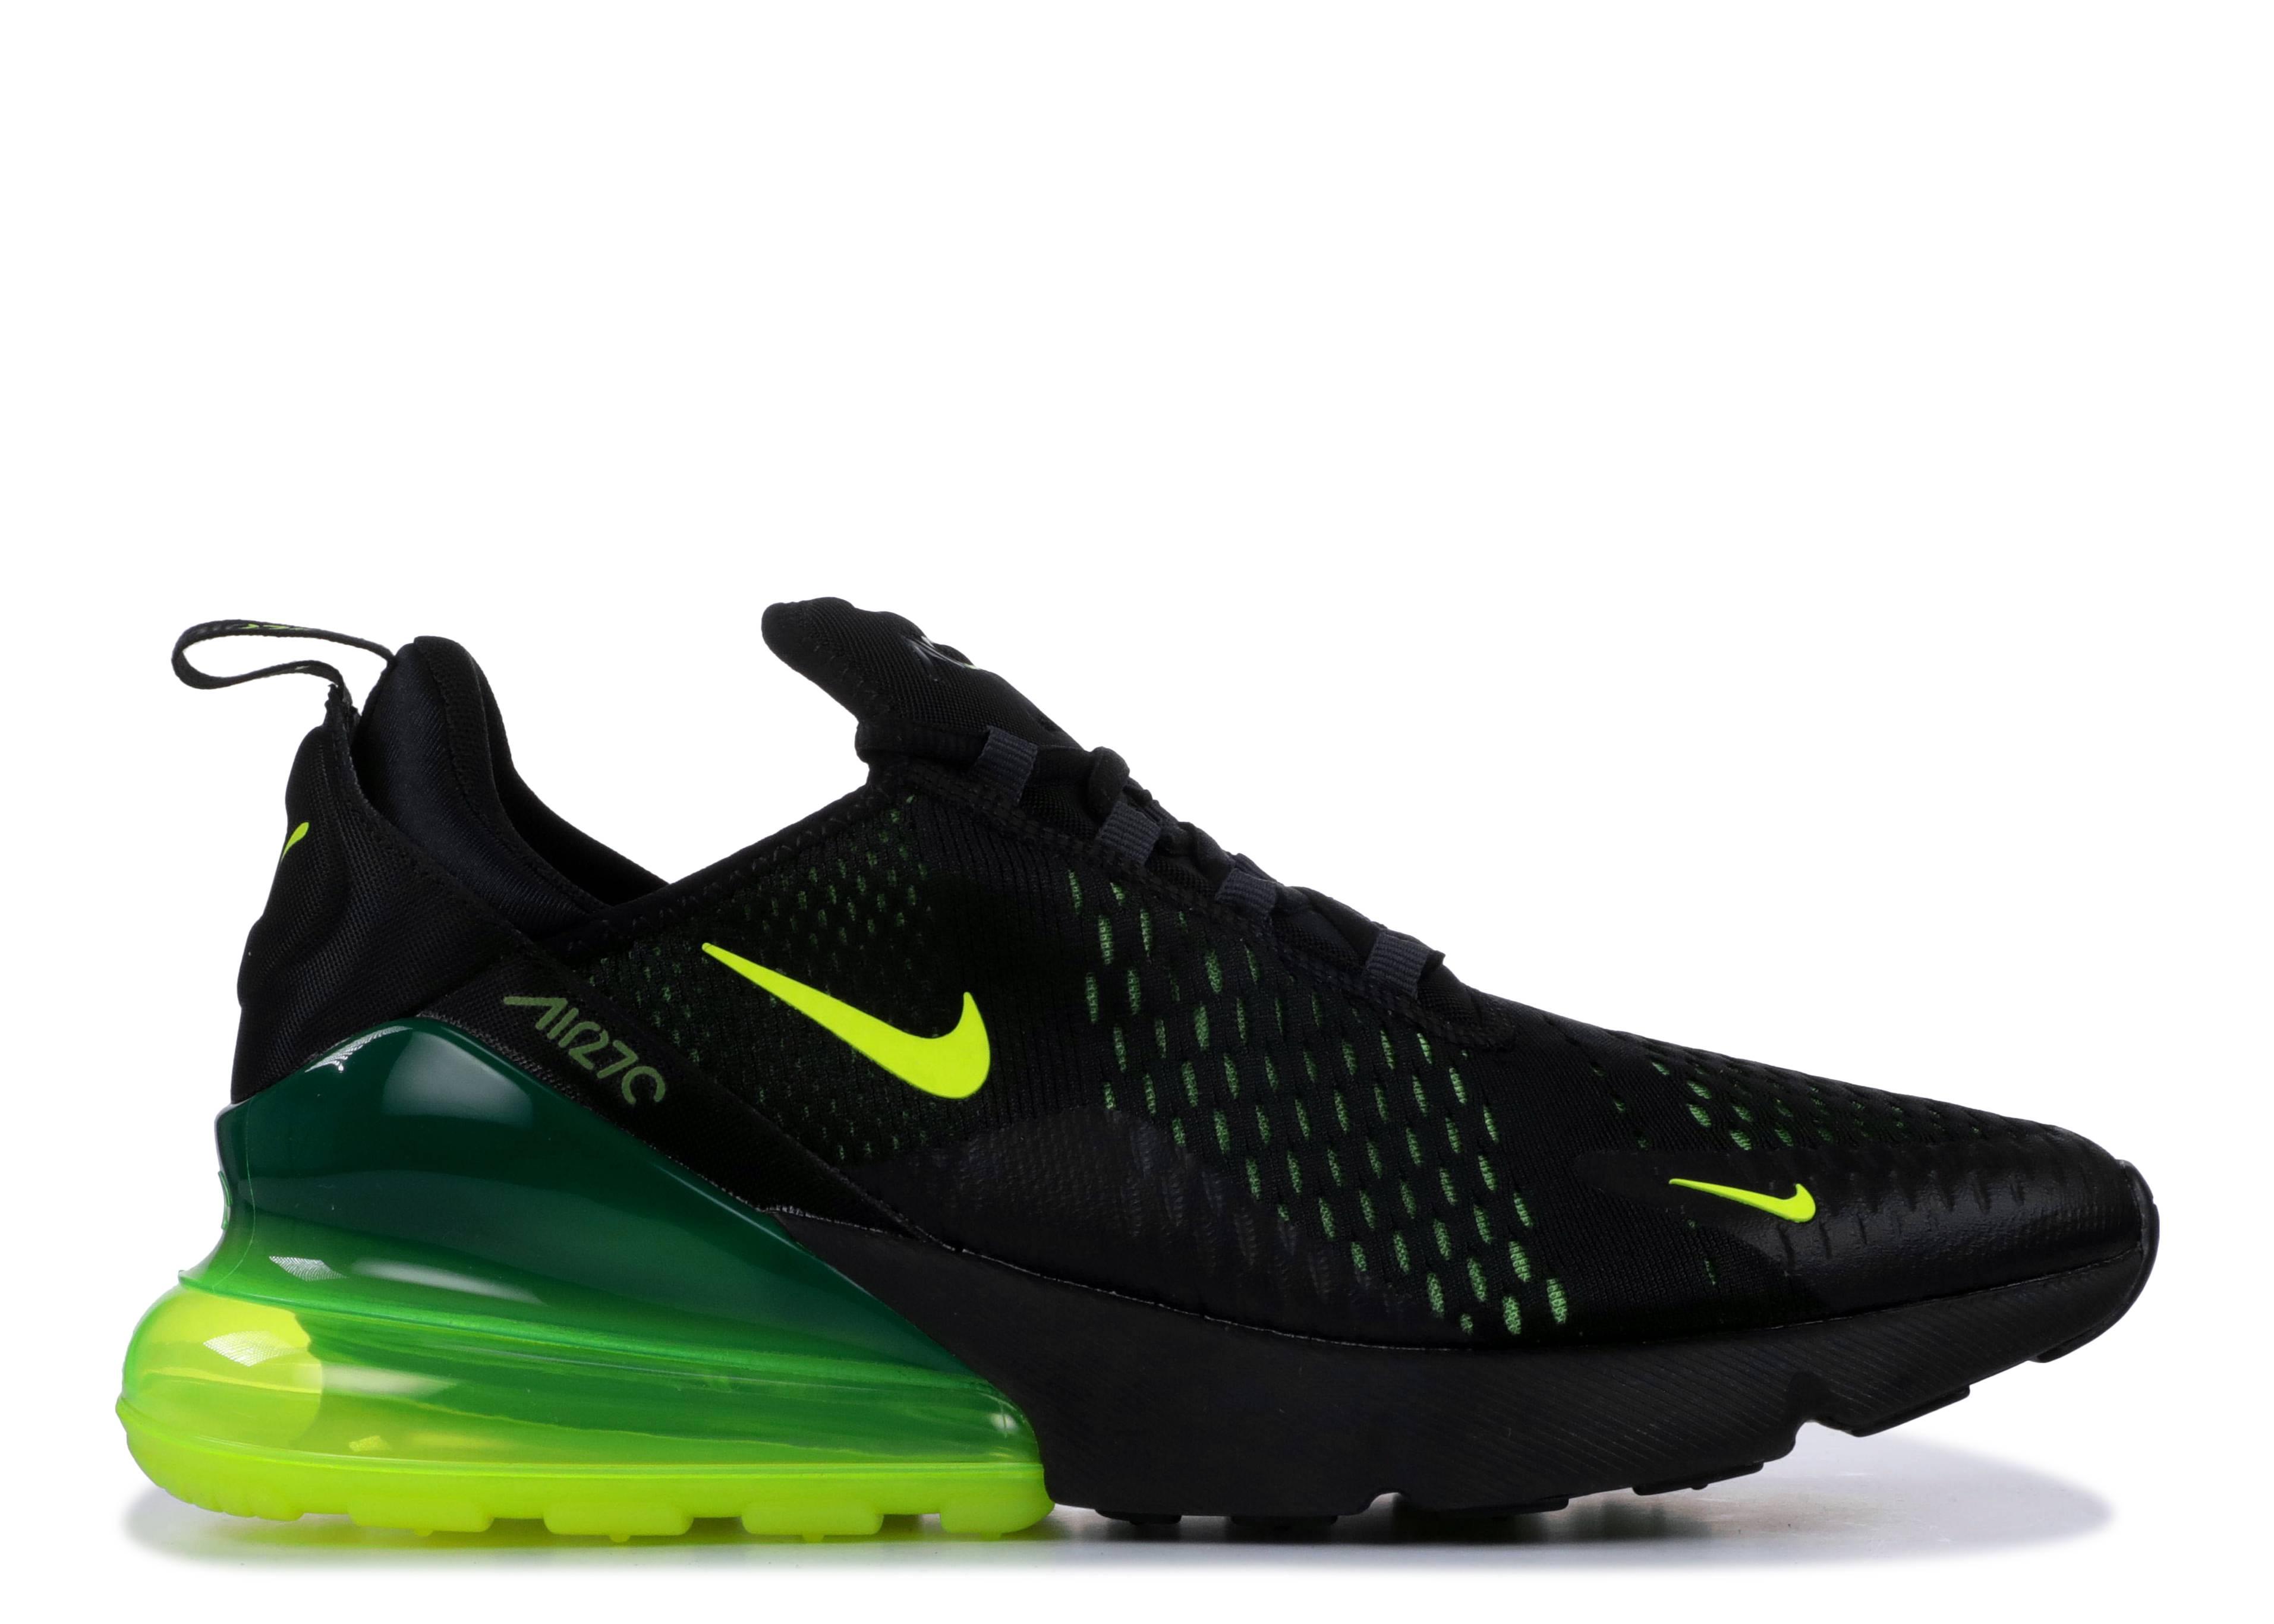 8d1ccd9c16fe6b Nike Air Max Shoes